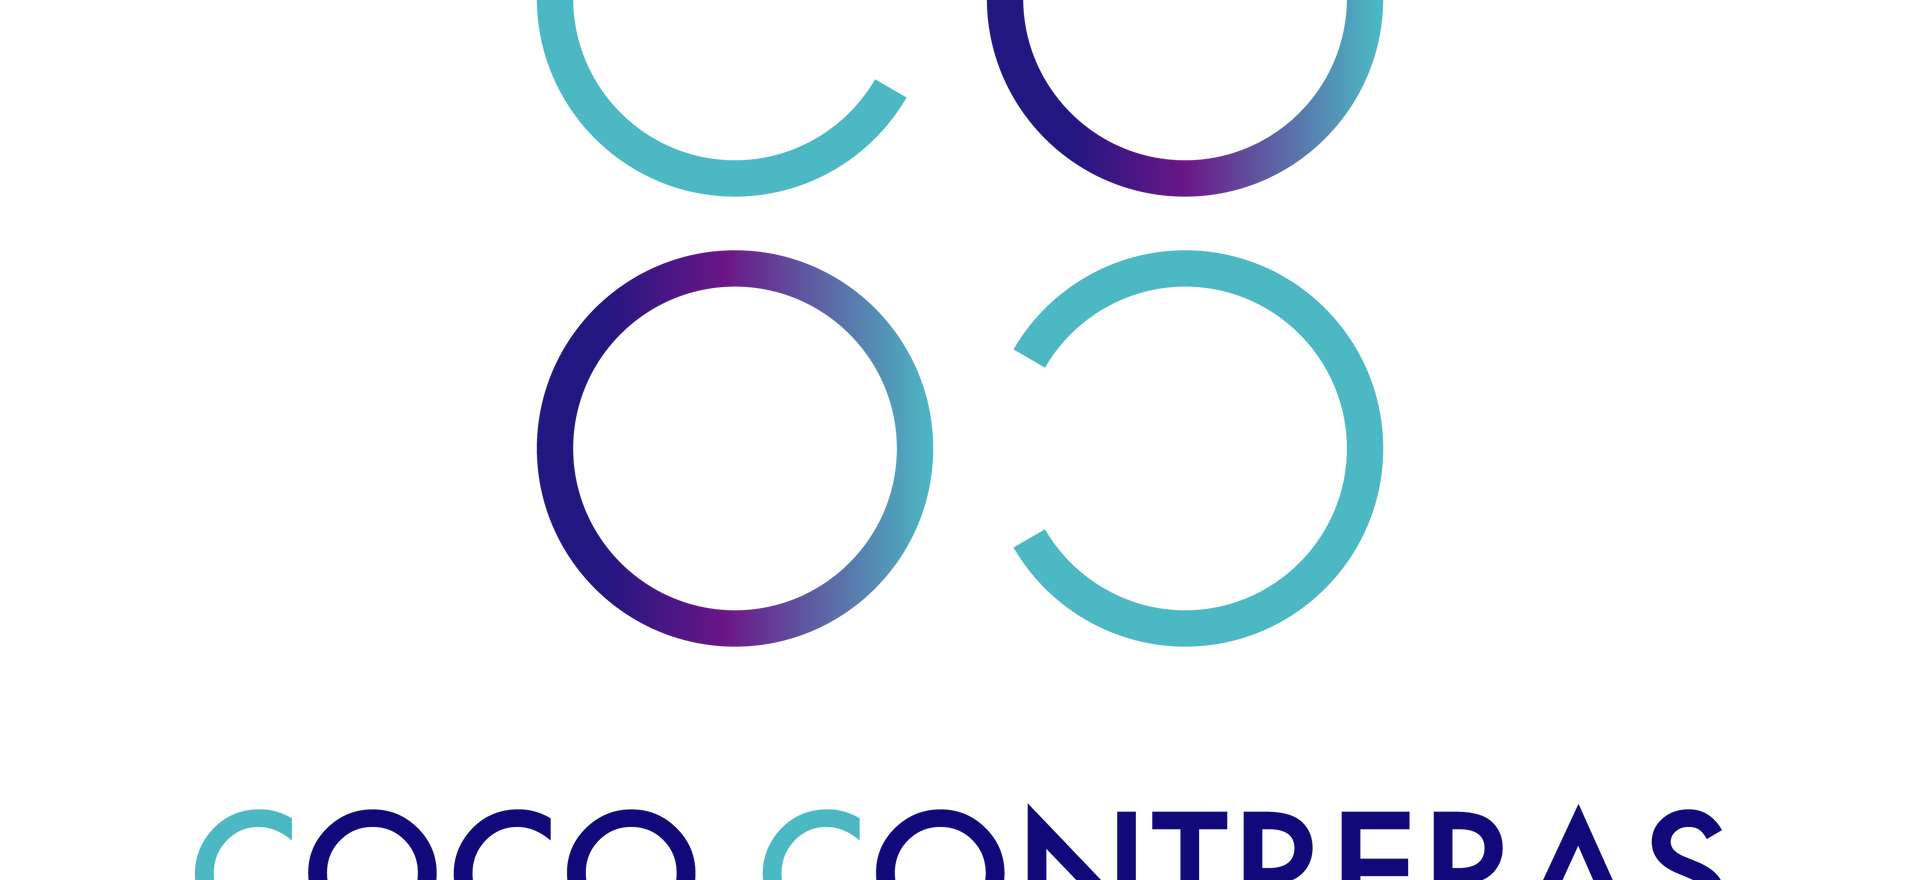 Coco Contreras